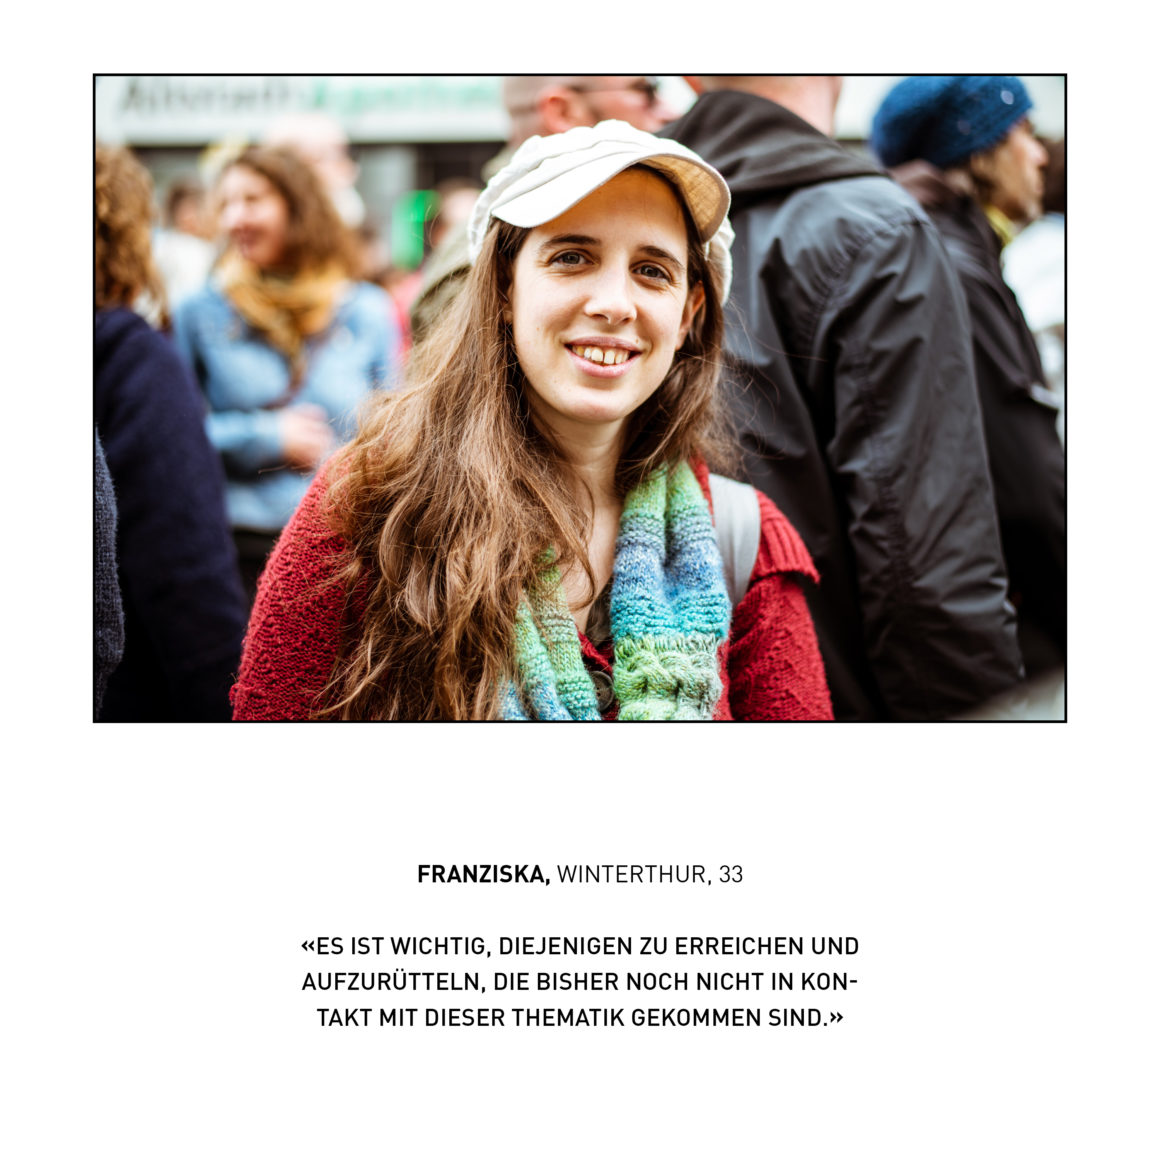 Franziska-1160x1160.jpg